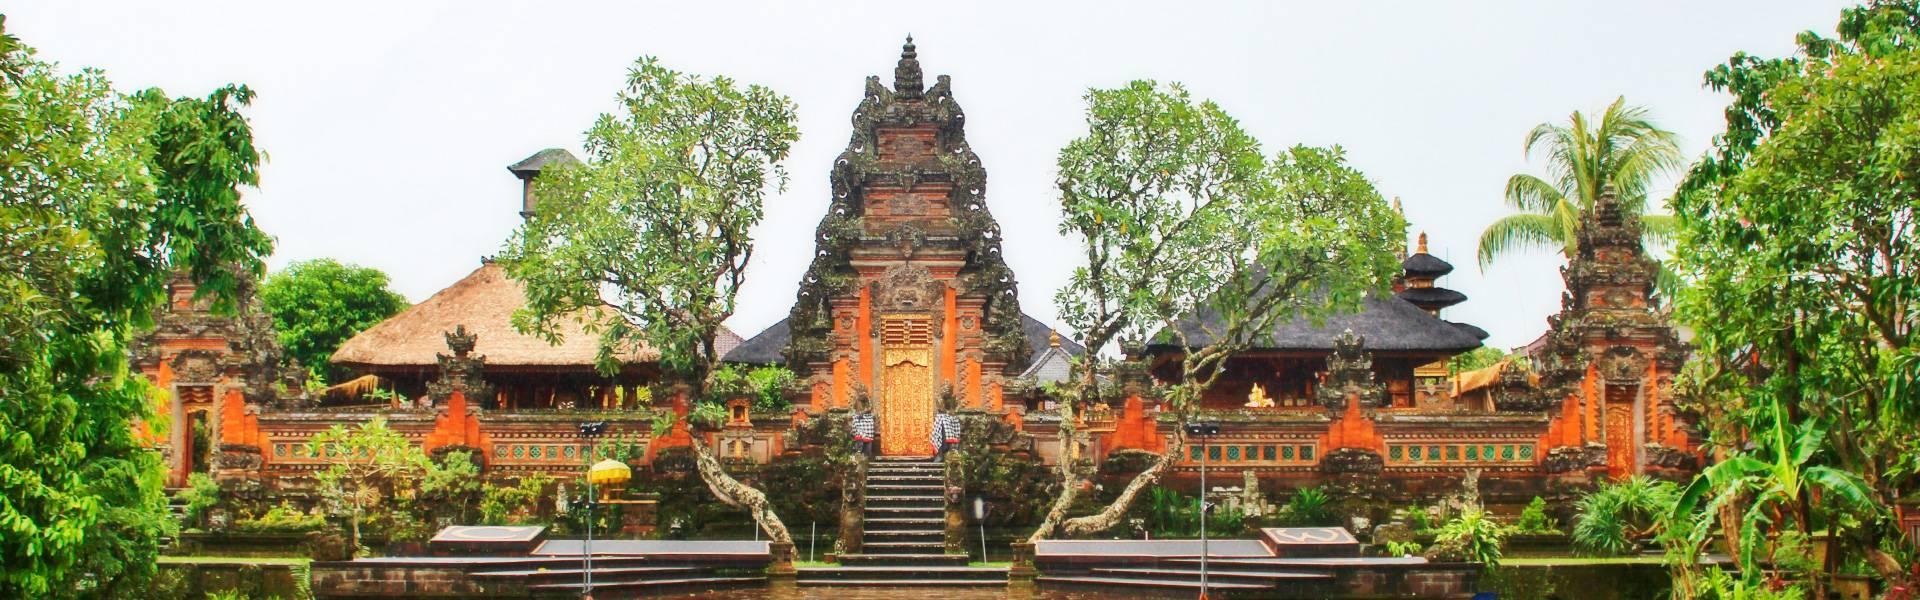 topo-indonesia Ásia